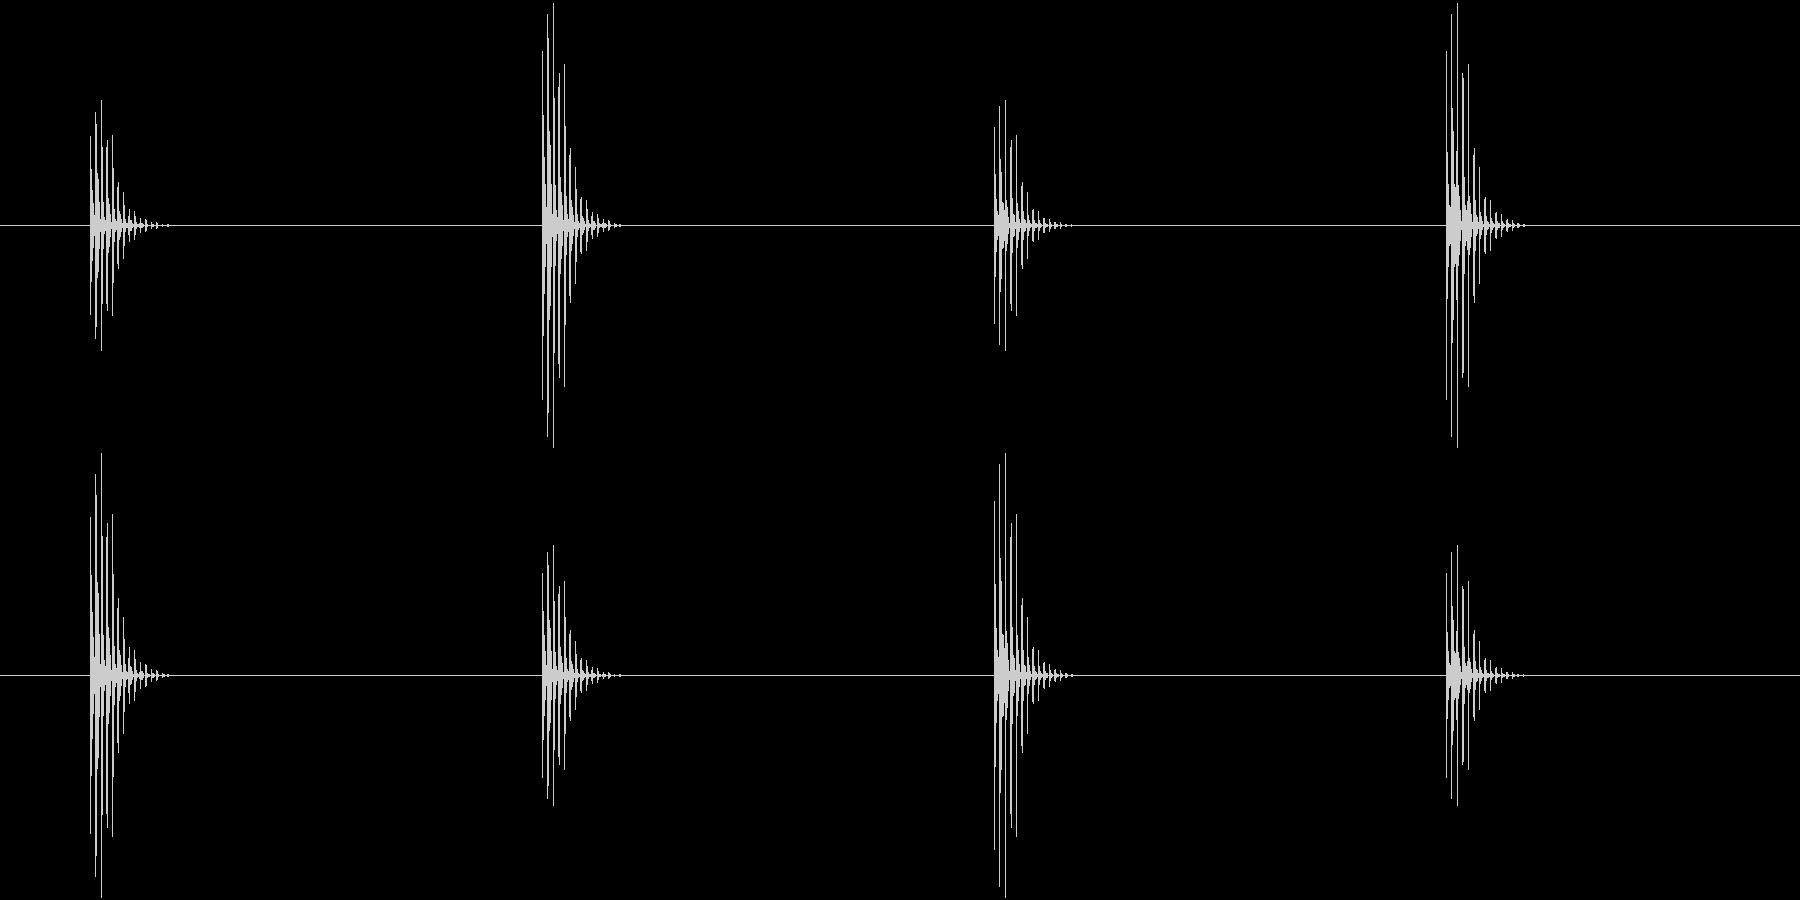 可愛い足音、歩く(ループ可能)の未再生の波形